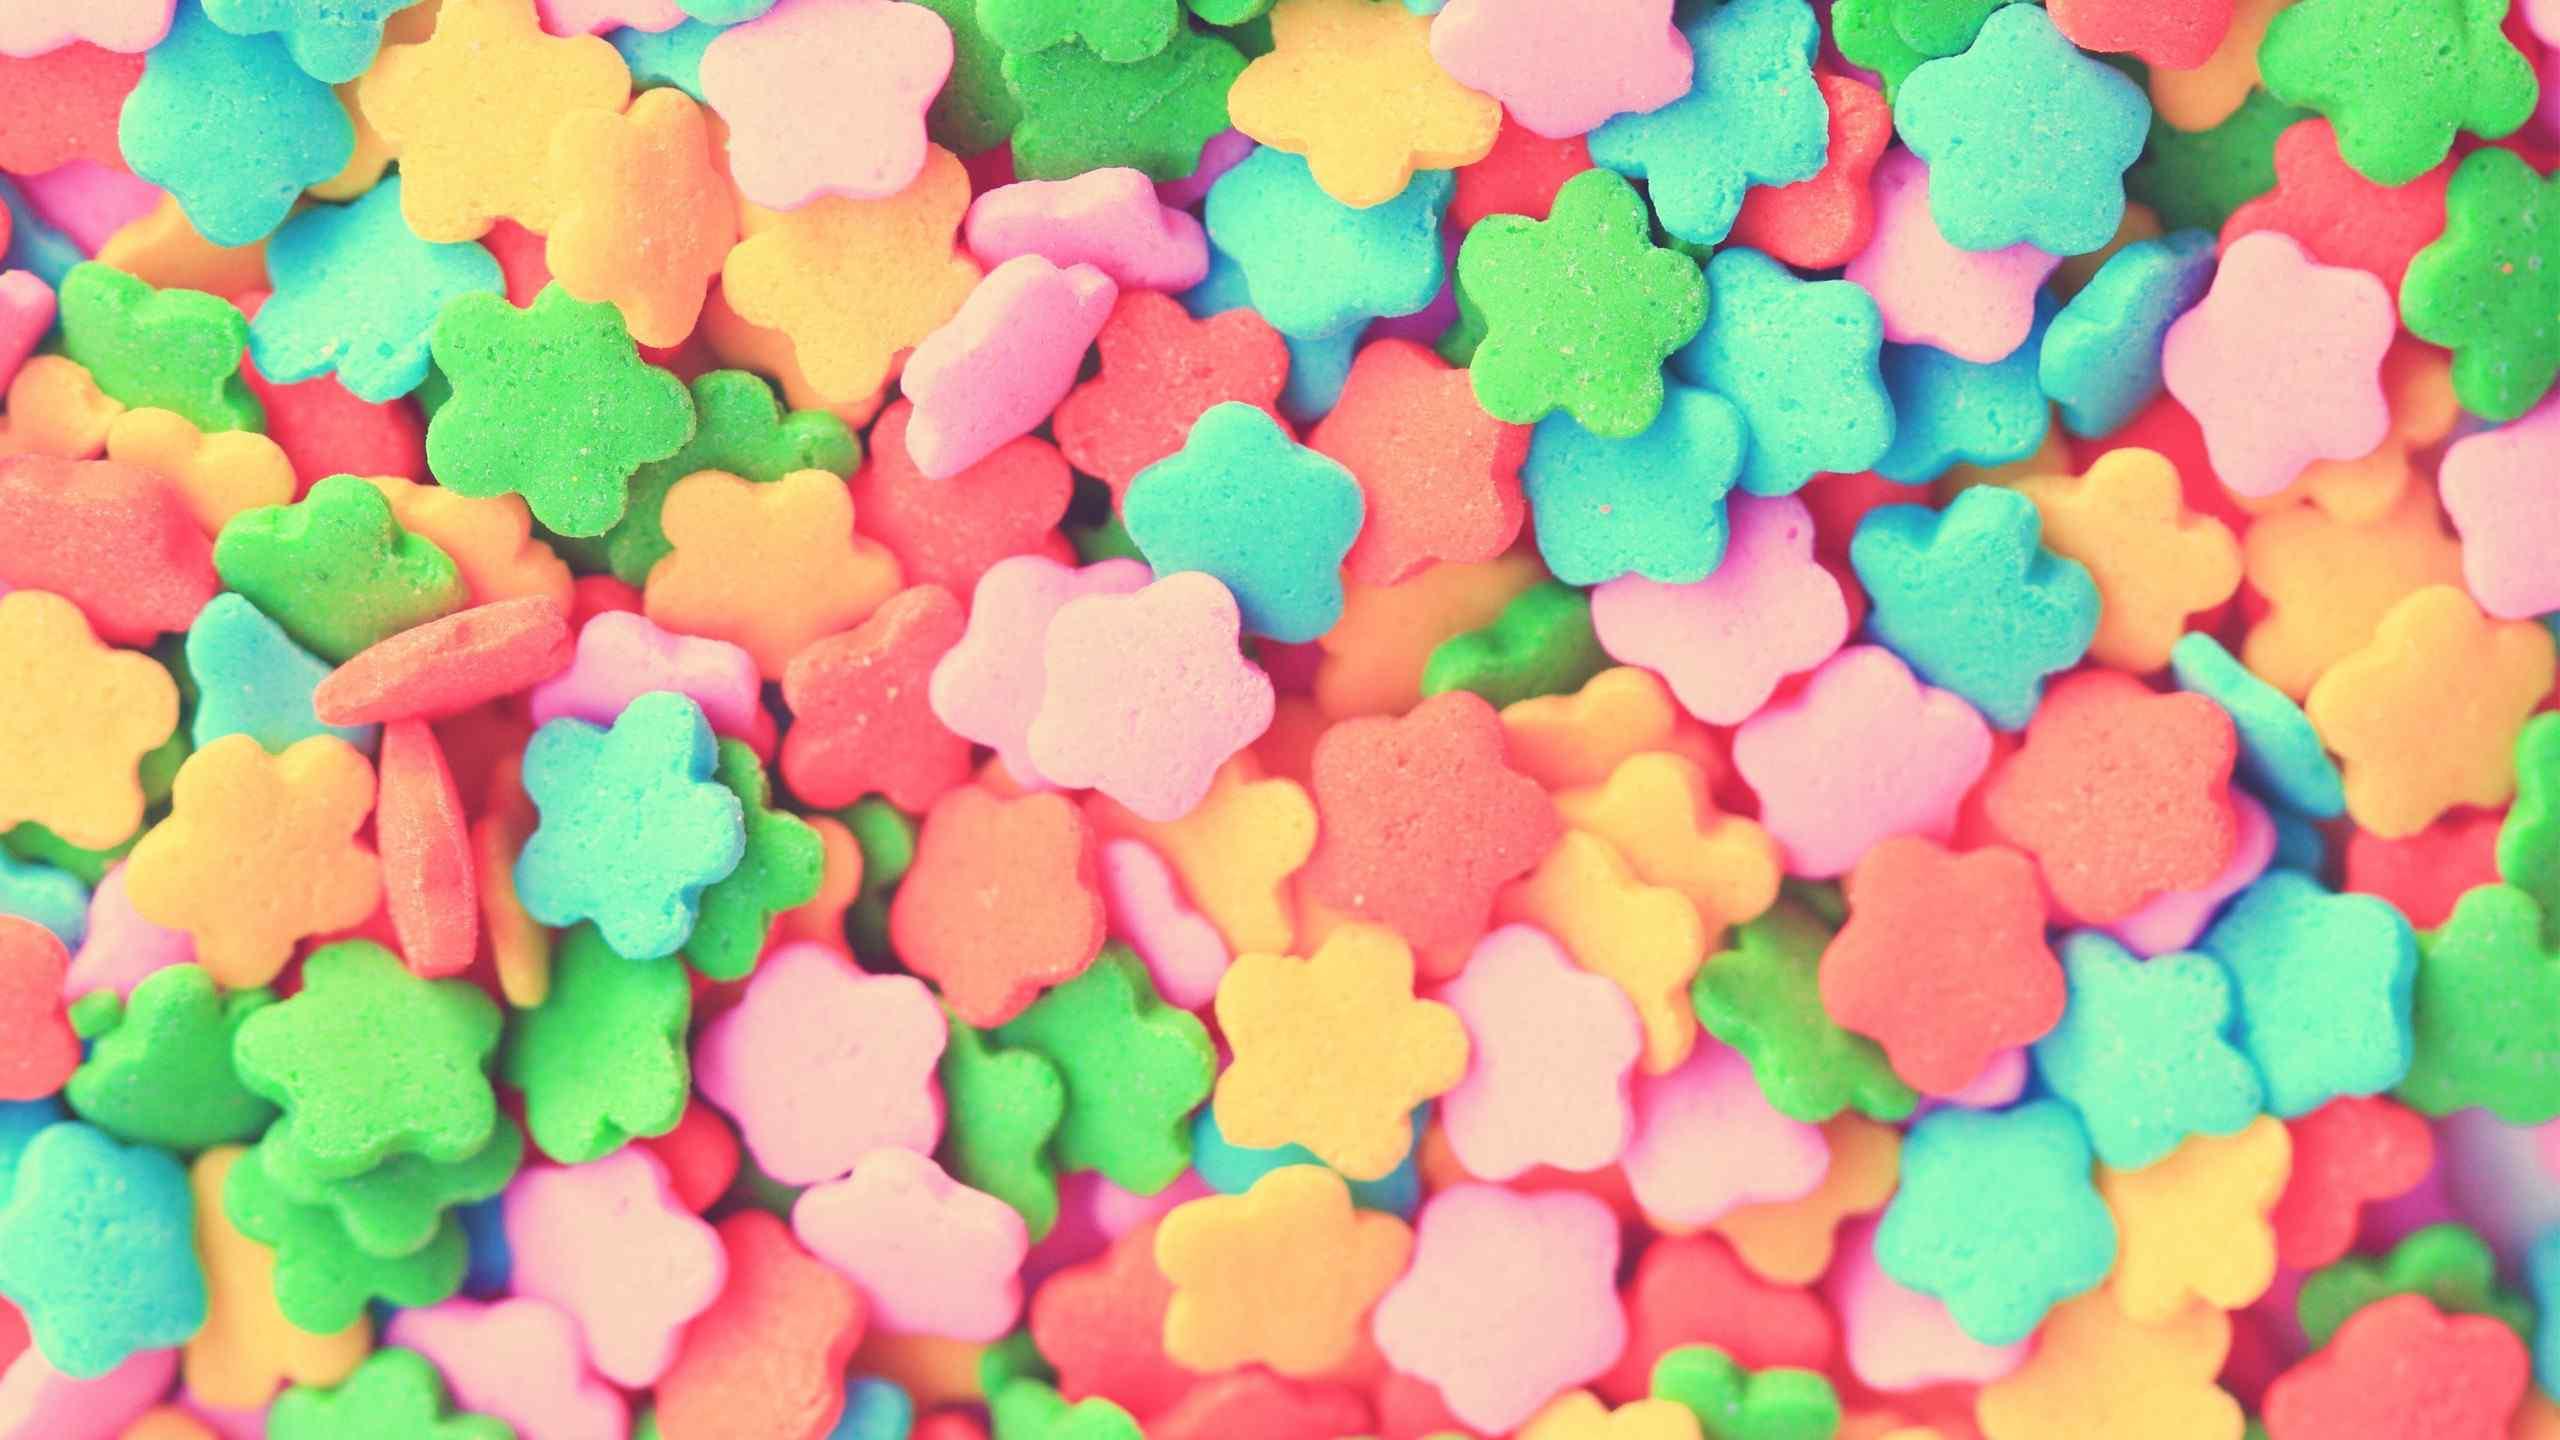 炫酷彩色星星曲奇饼干桌面壁纸